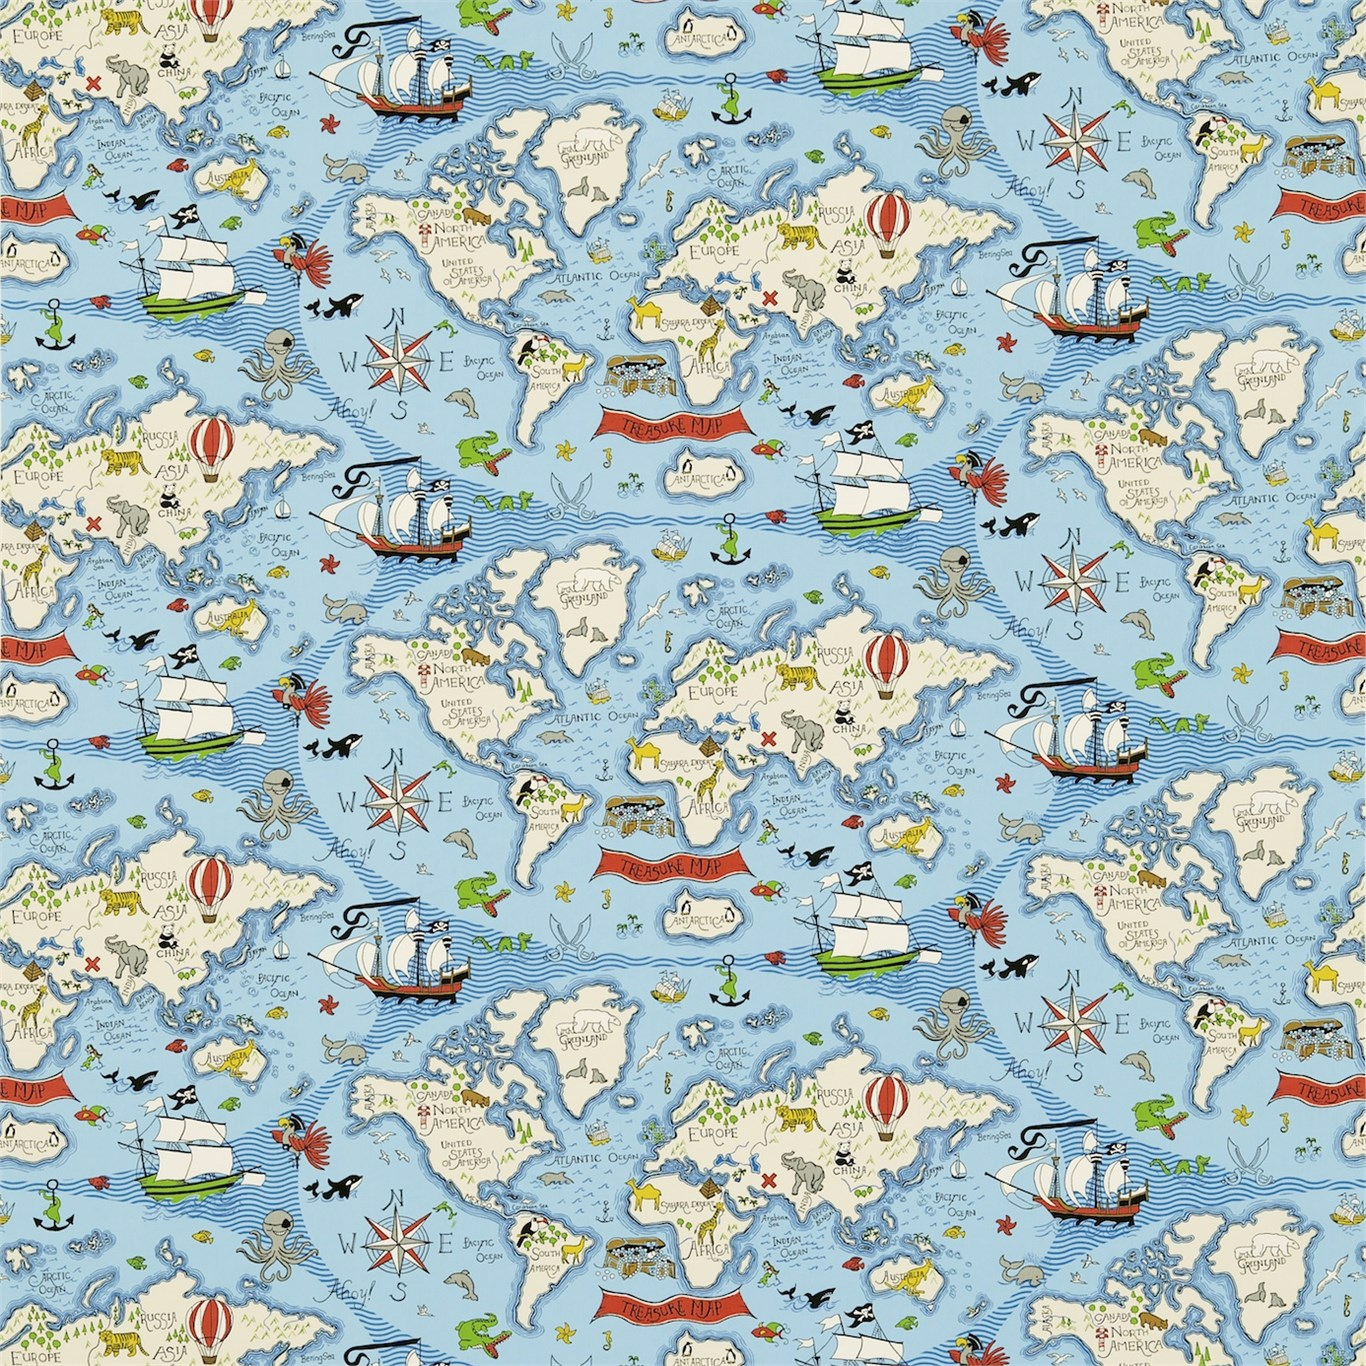 Treasure Map by SAN